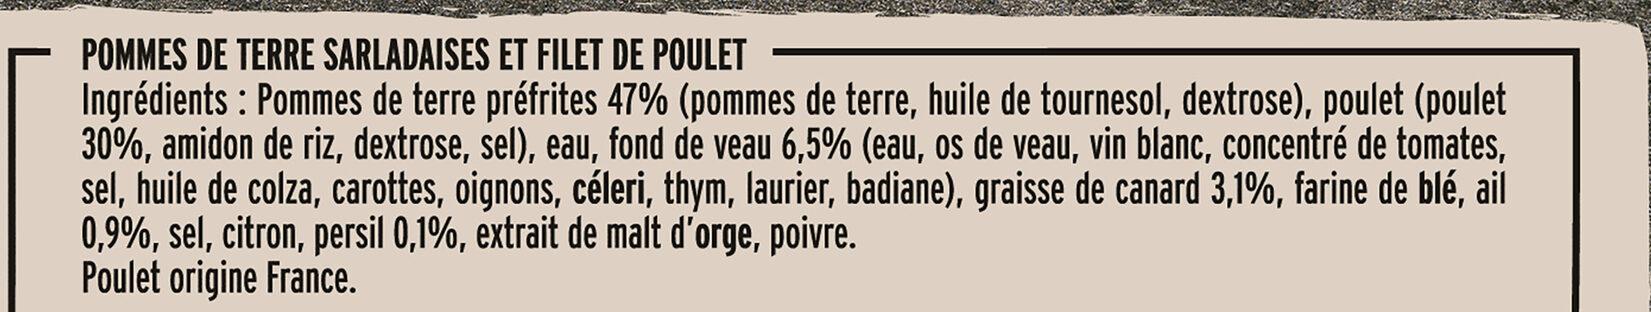 Filet de Poulet Pommes de Terre à la Sarladaise - Ingrediënten - fr